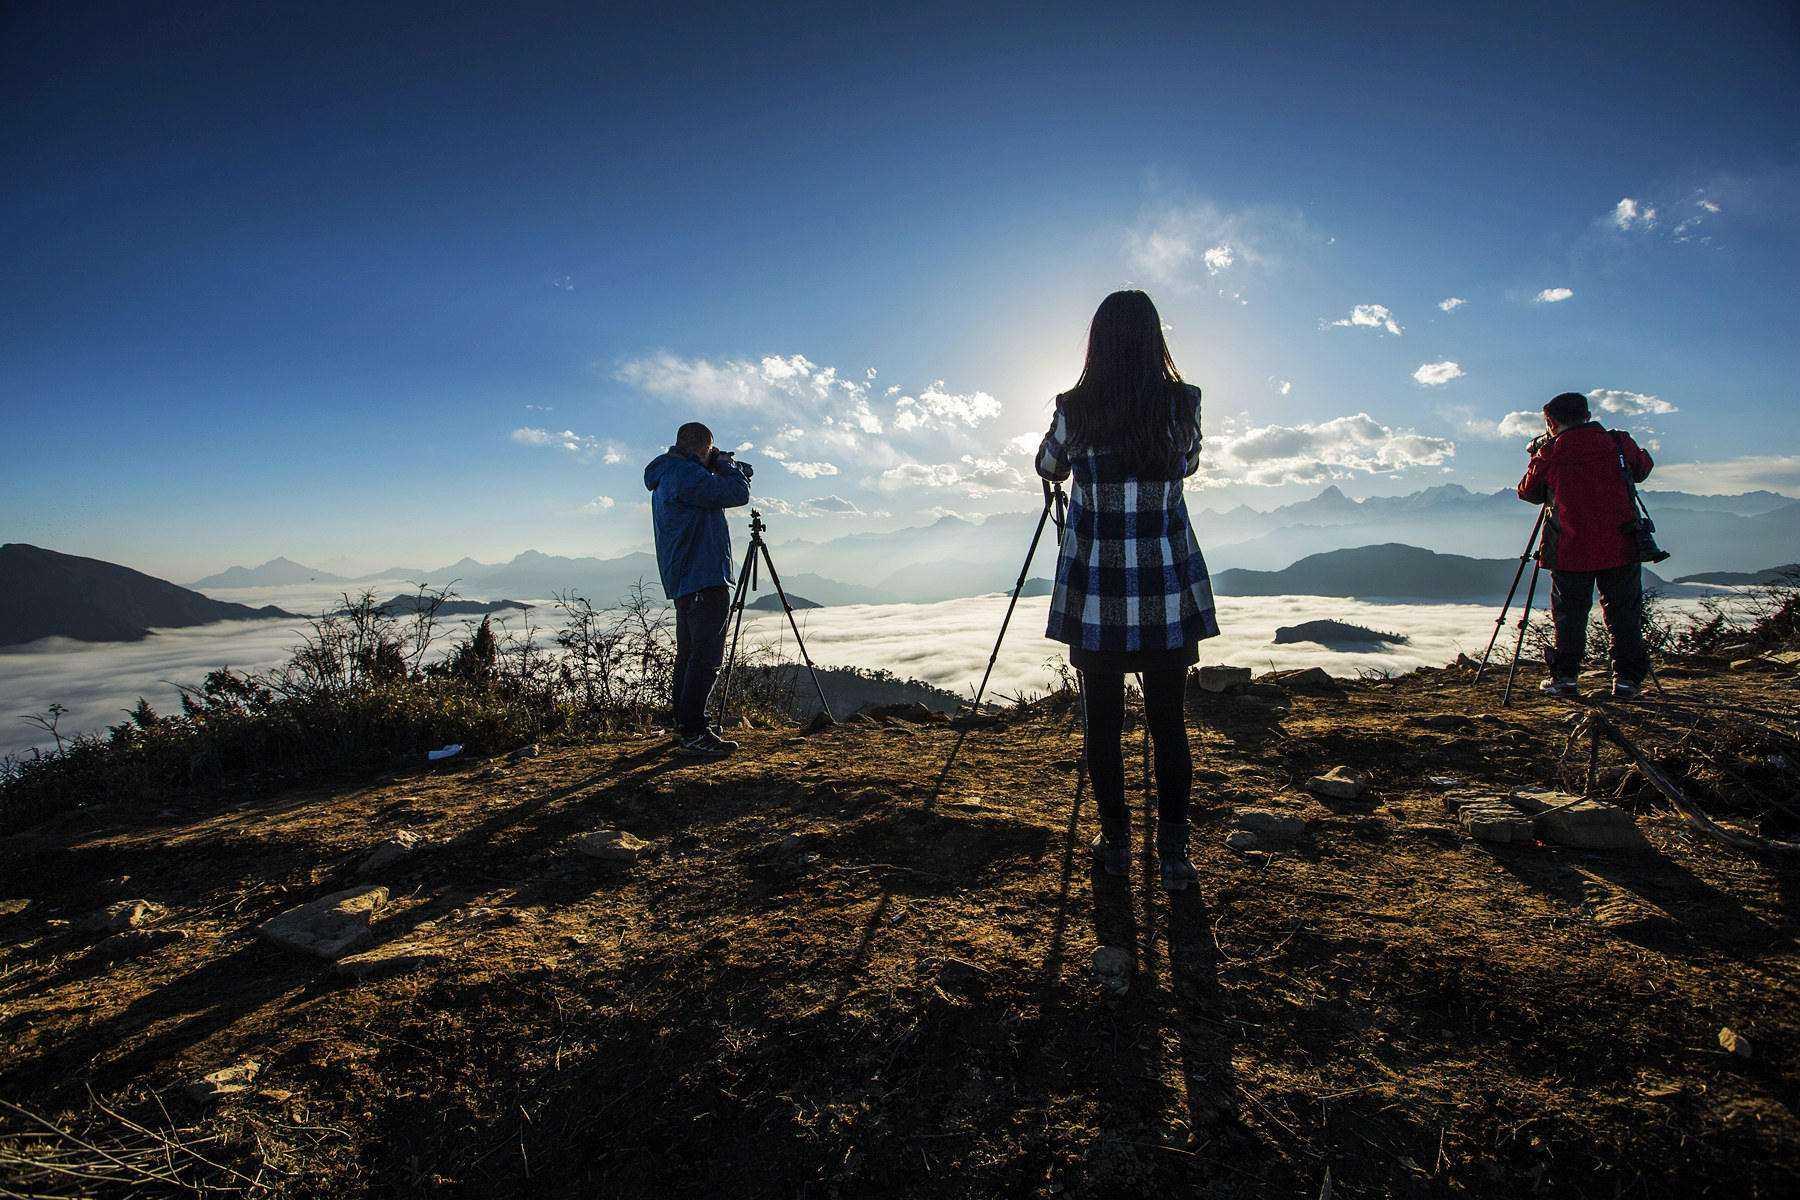 行摄四人同,在悠然的风景中让镜头陶醉